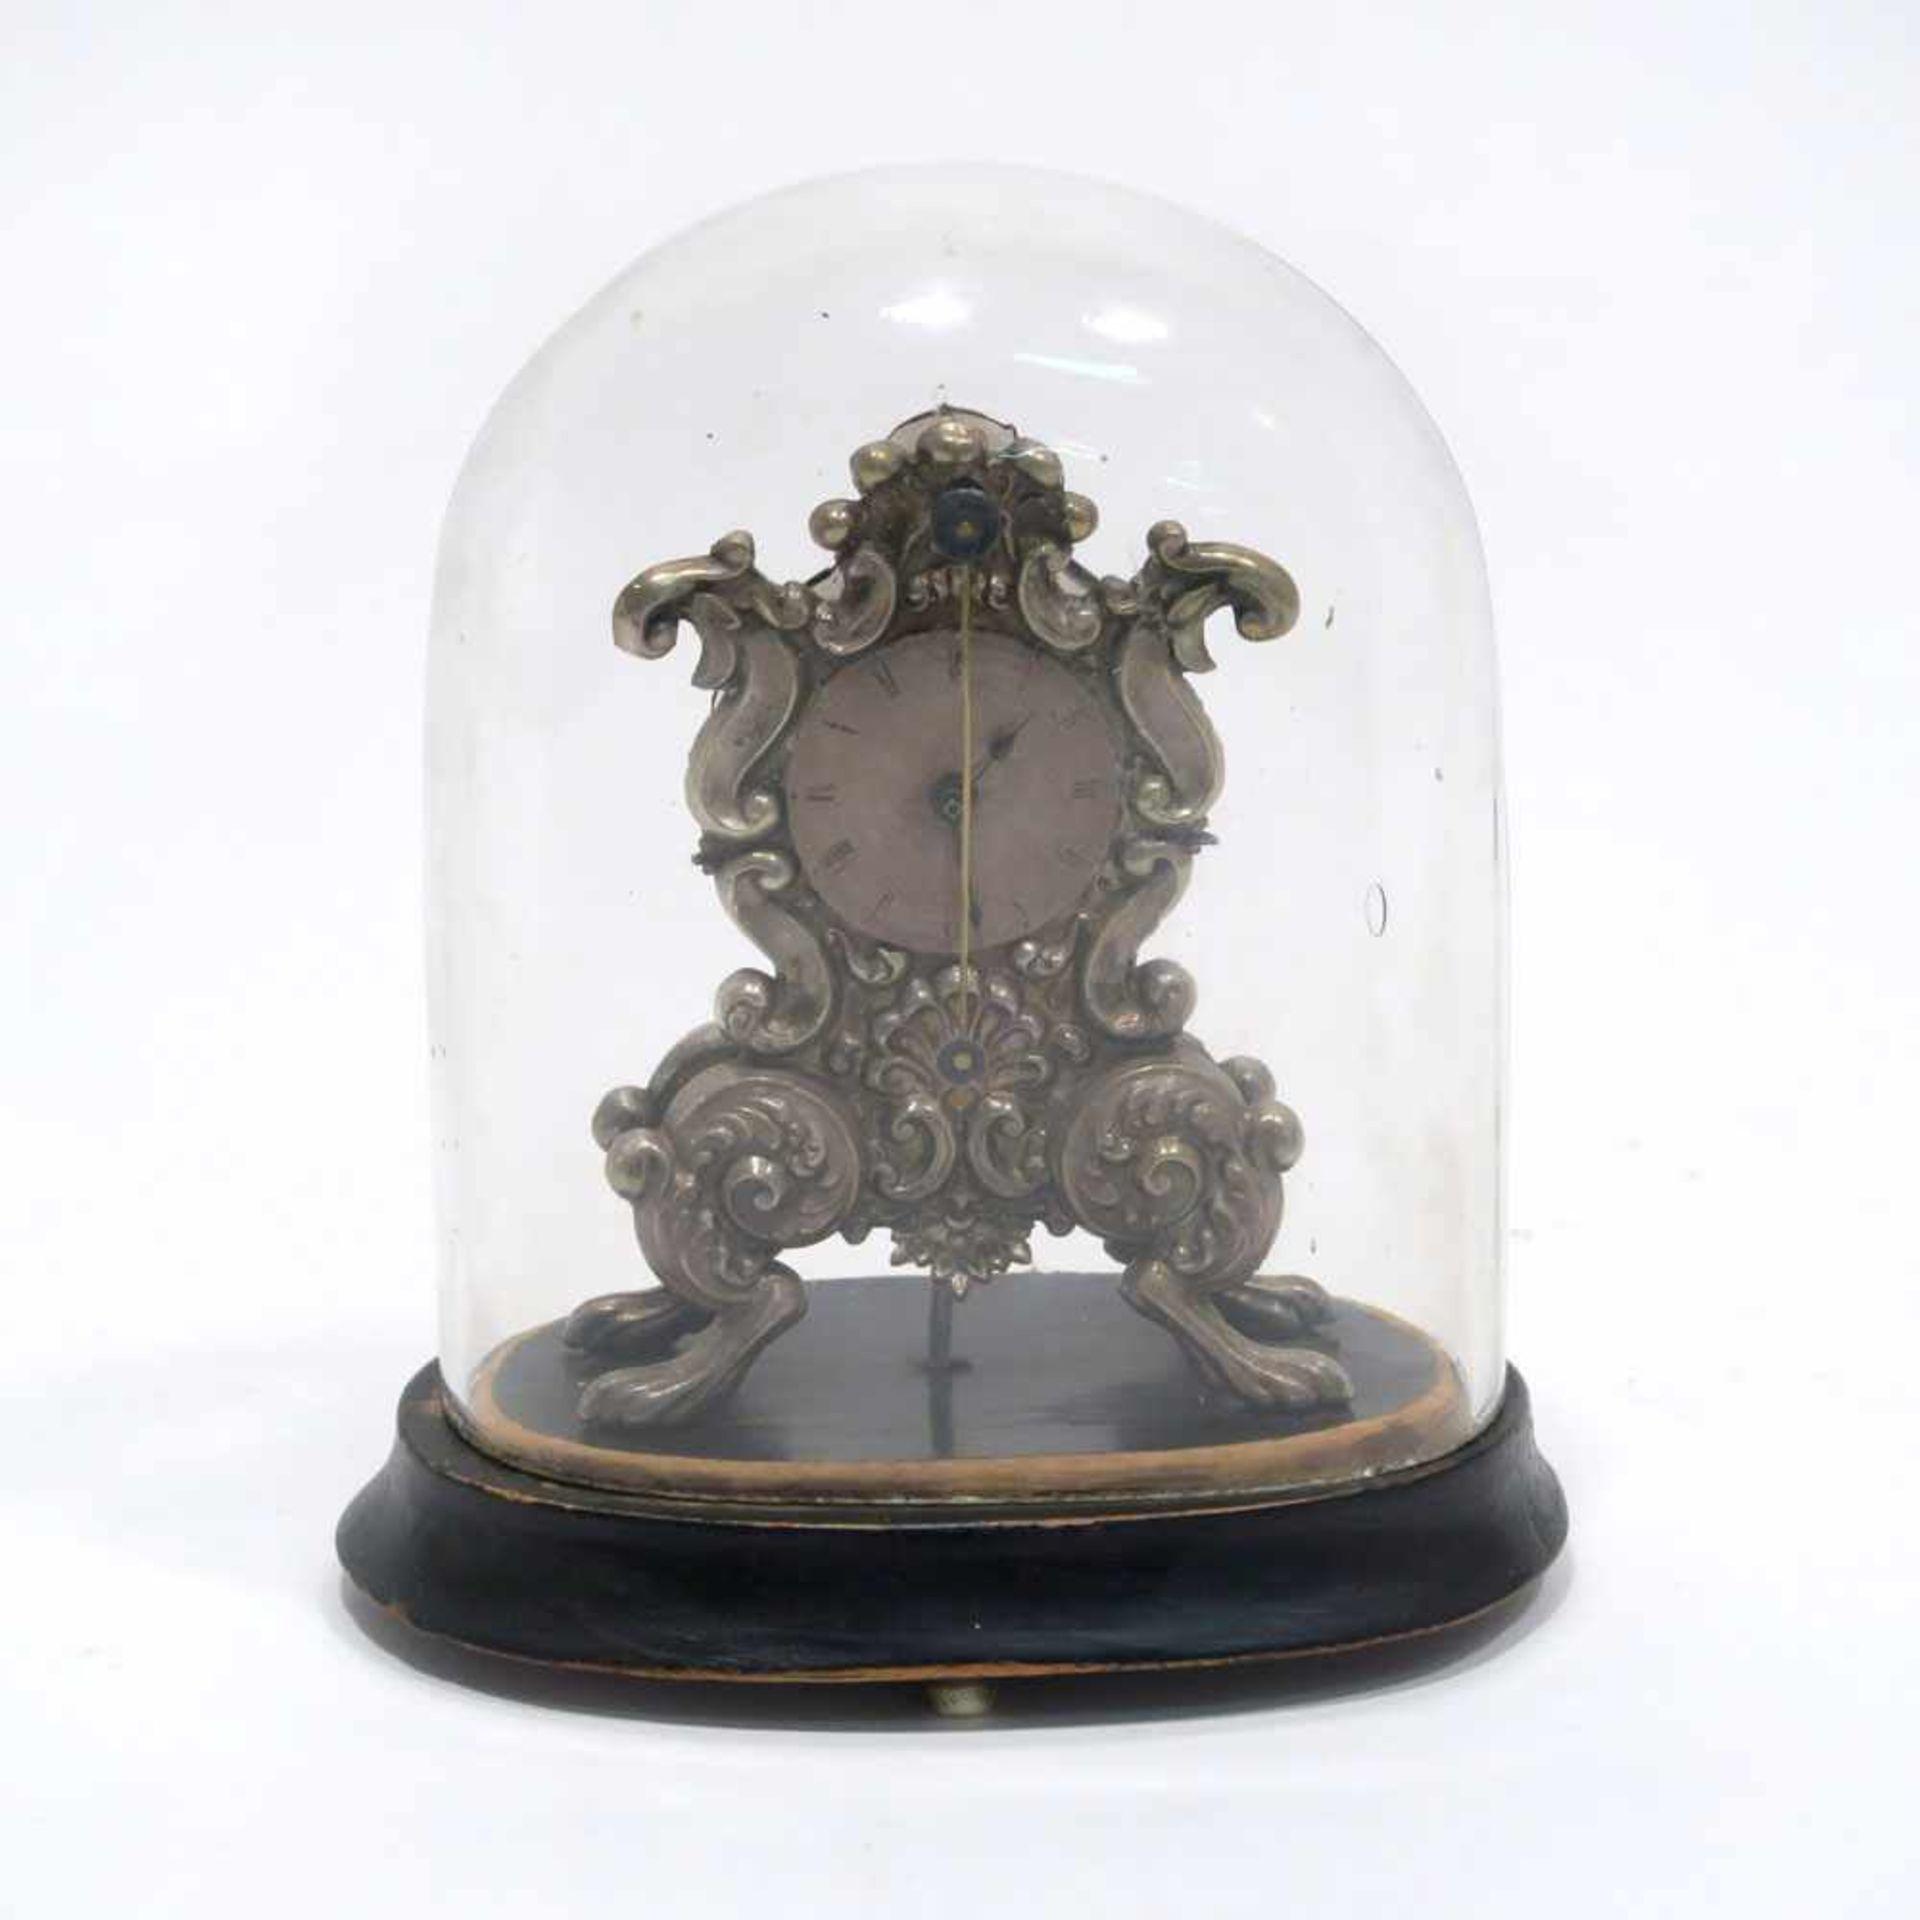 Los 26 - Miniatur-TischzapplerWien, 1810 - 1866. Silber. Auf vier Tatzenfüßen geschwungenes Gehäuse mit